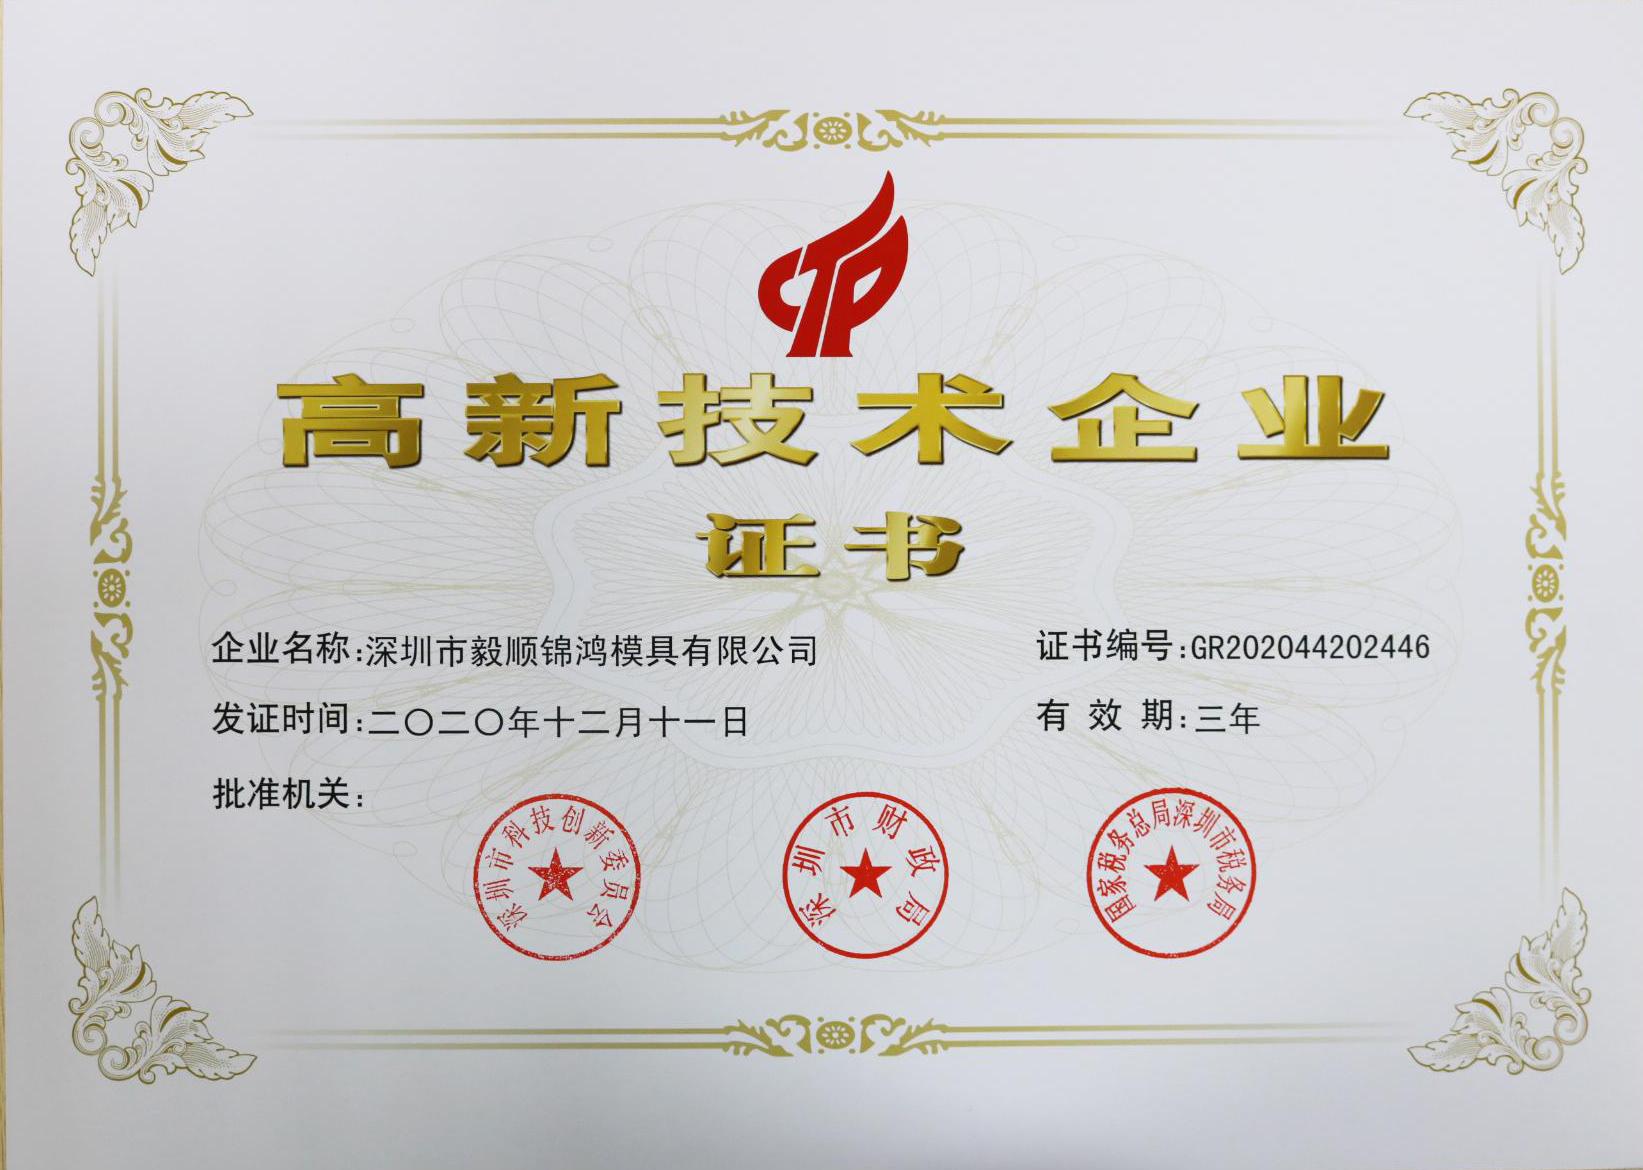 毅顺-高新技术企业证书